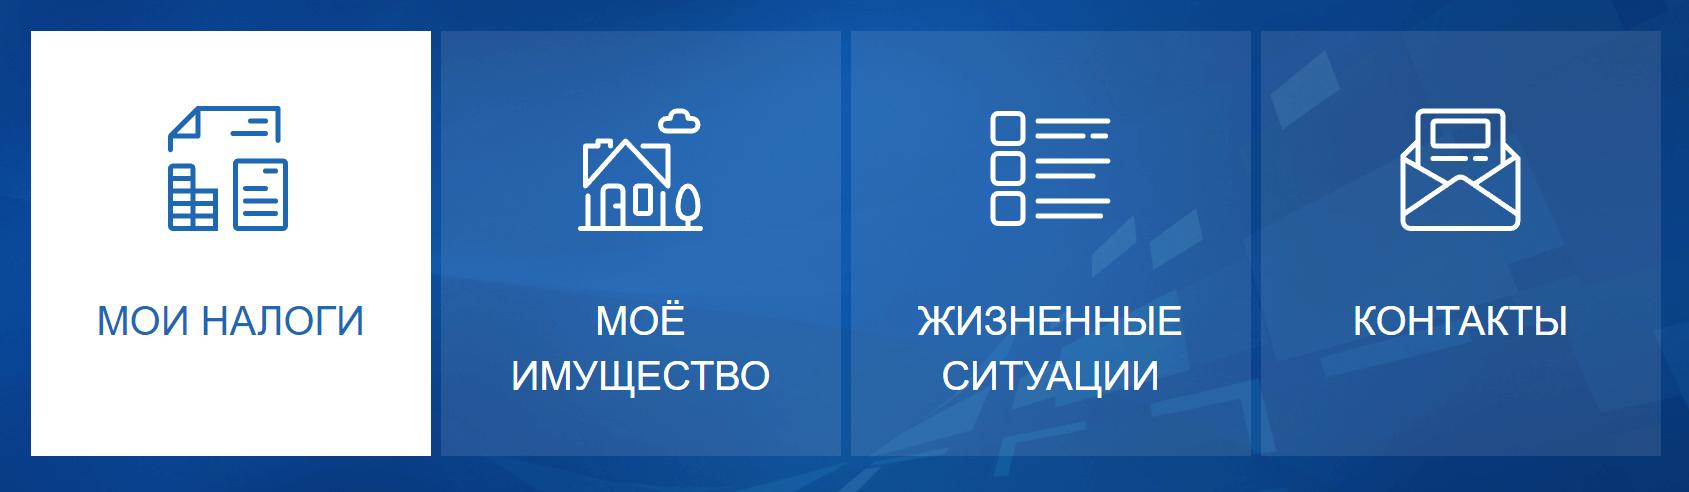 Основные возможности сайта ИФНС nalog ru